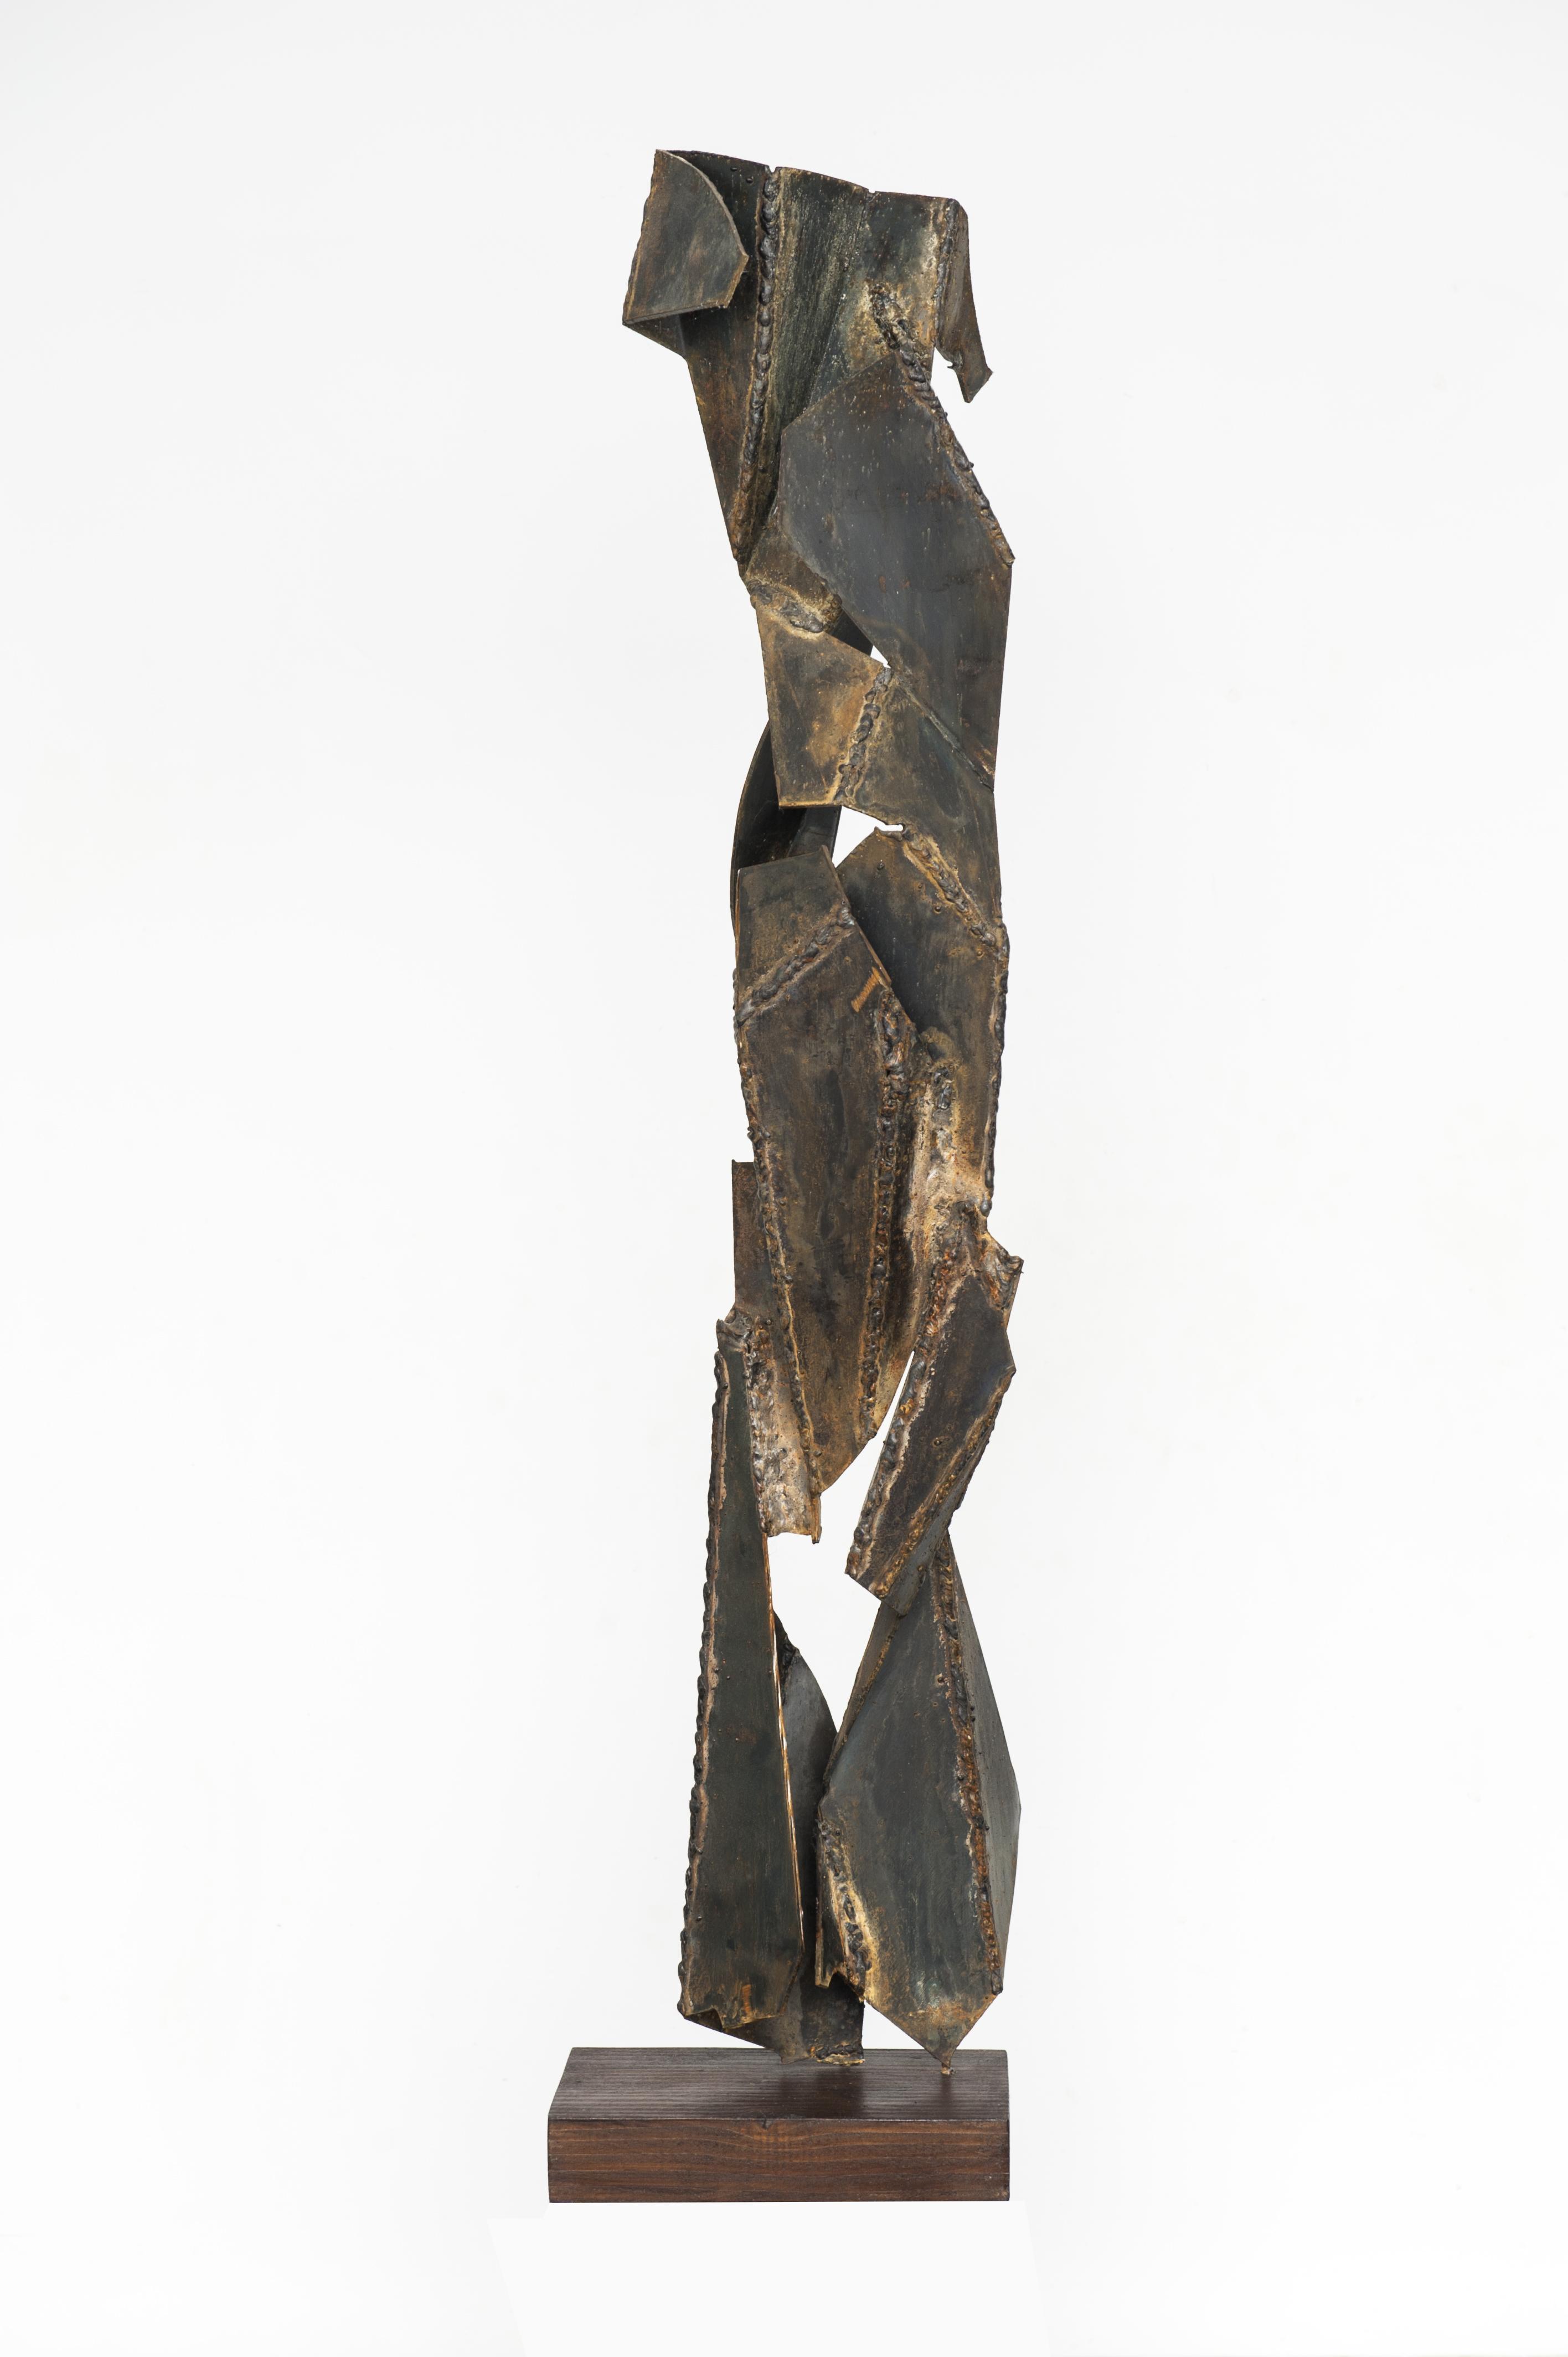 cuerpo que se alarga. alt.108 cm.27-3-13